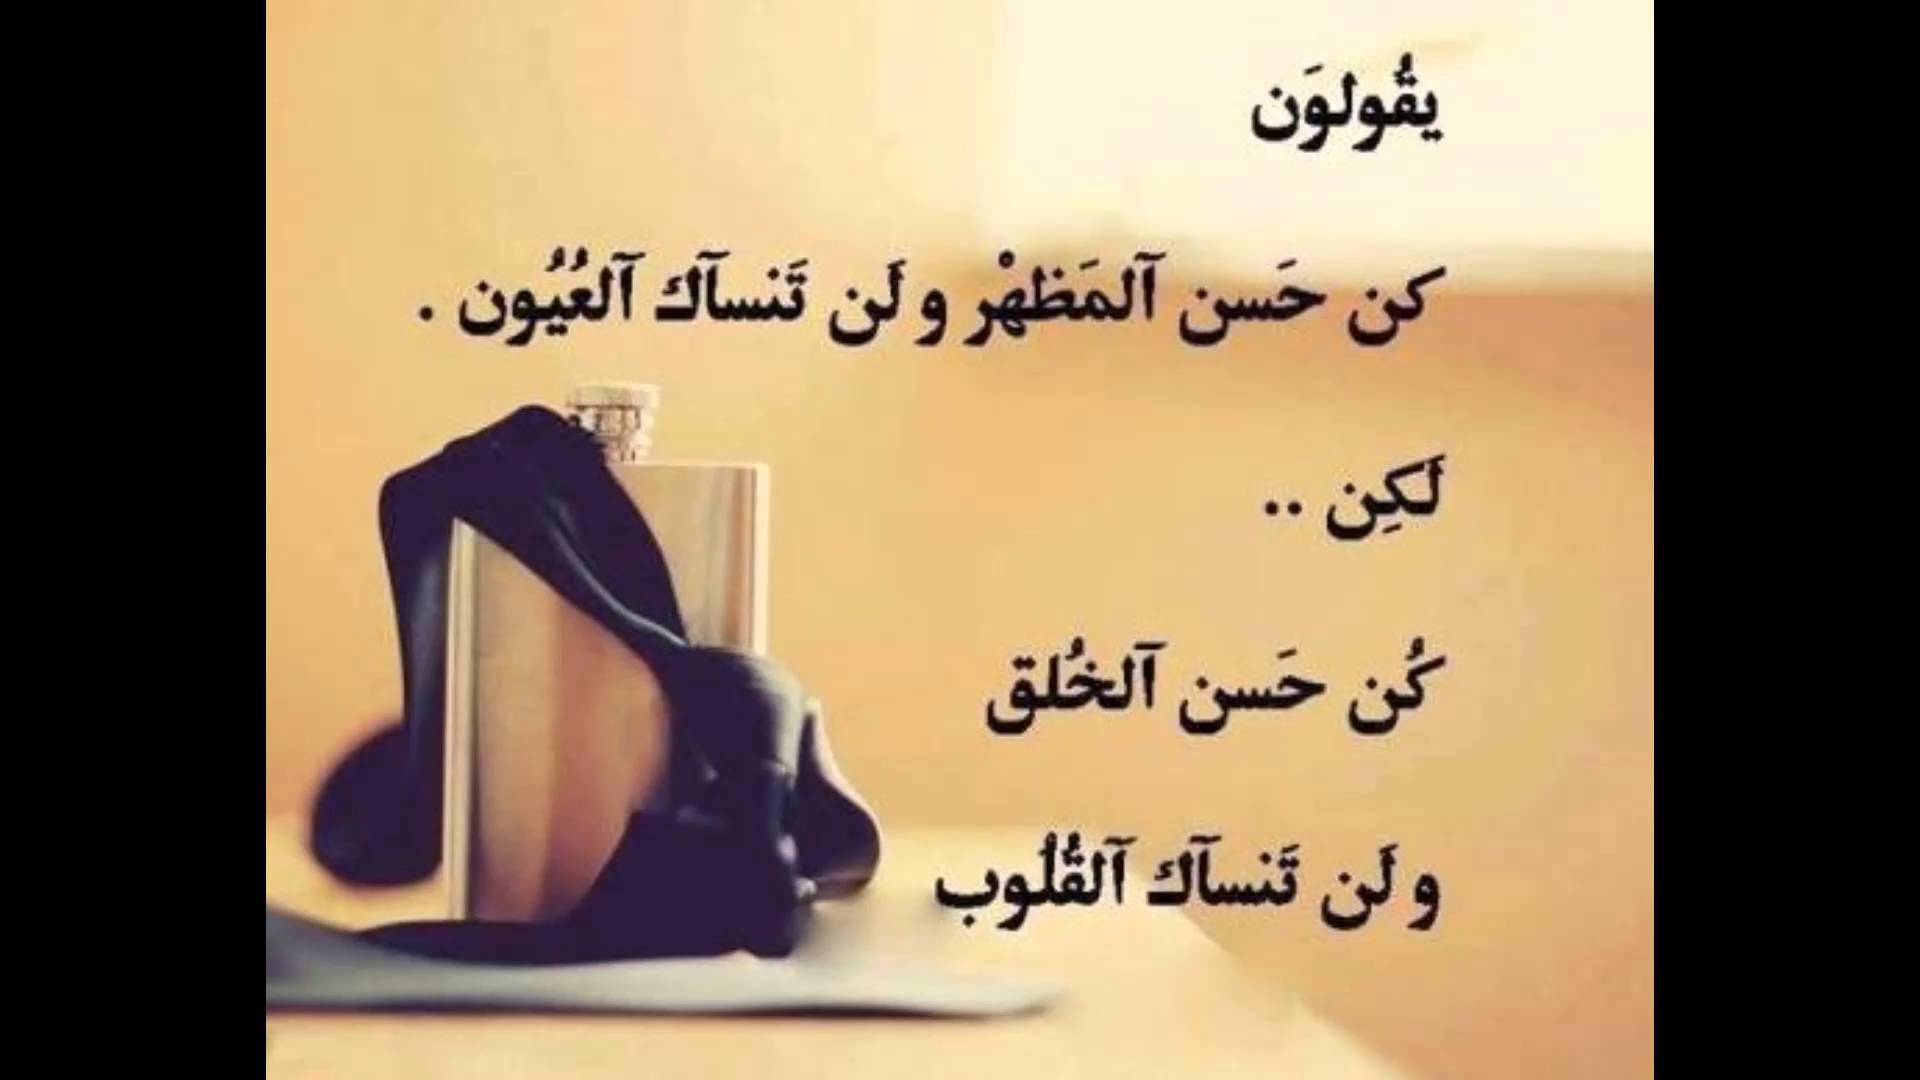 بالصور كلمات جميلة عن الحياة , حكمه لحياه سعيده 629 5